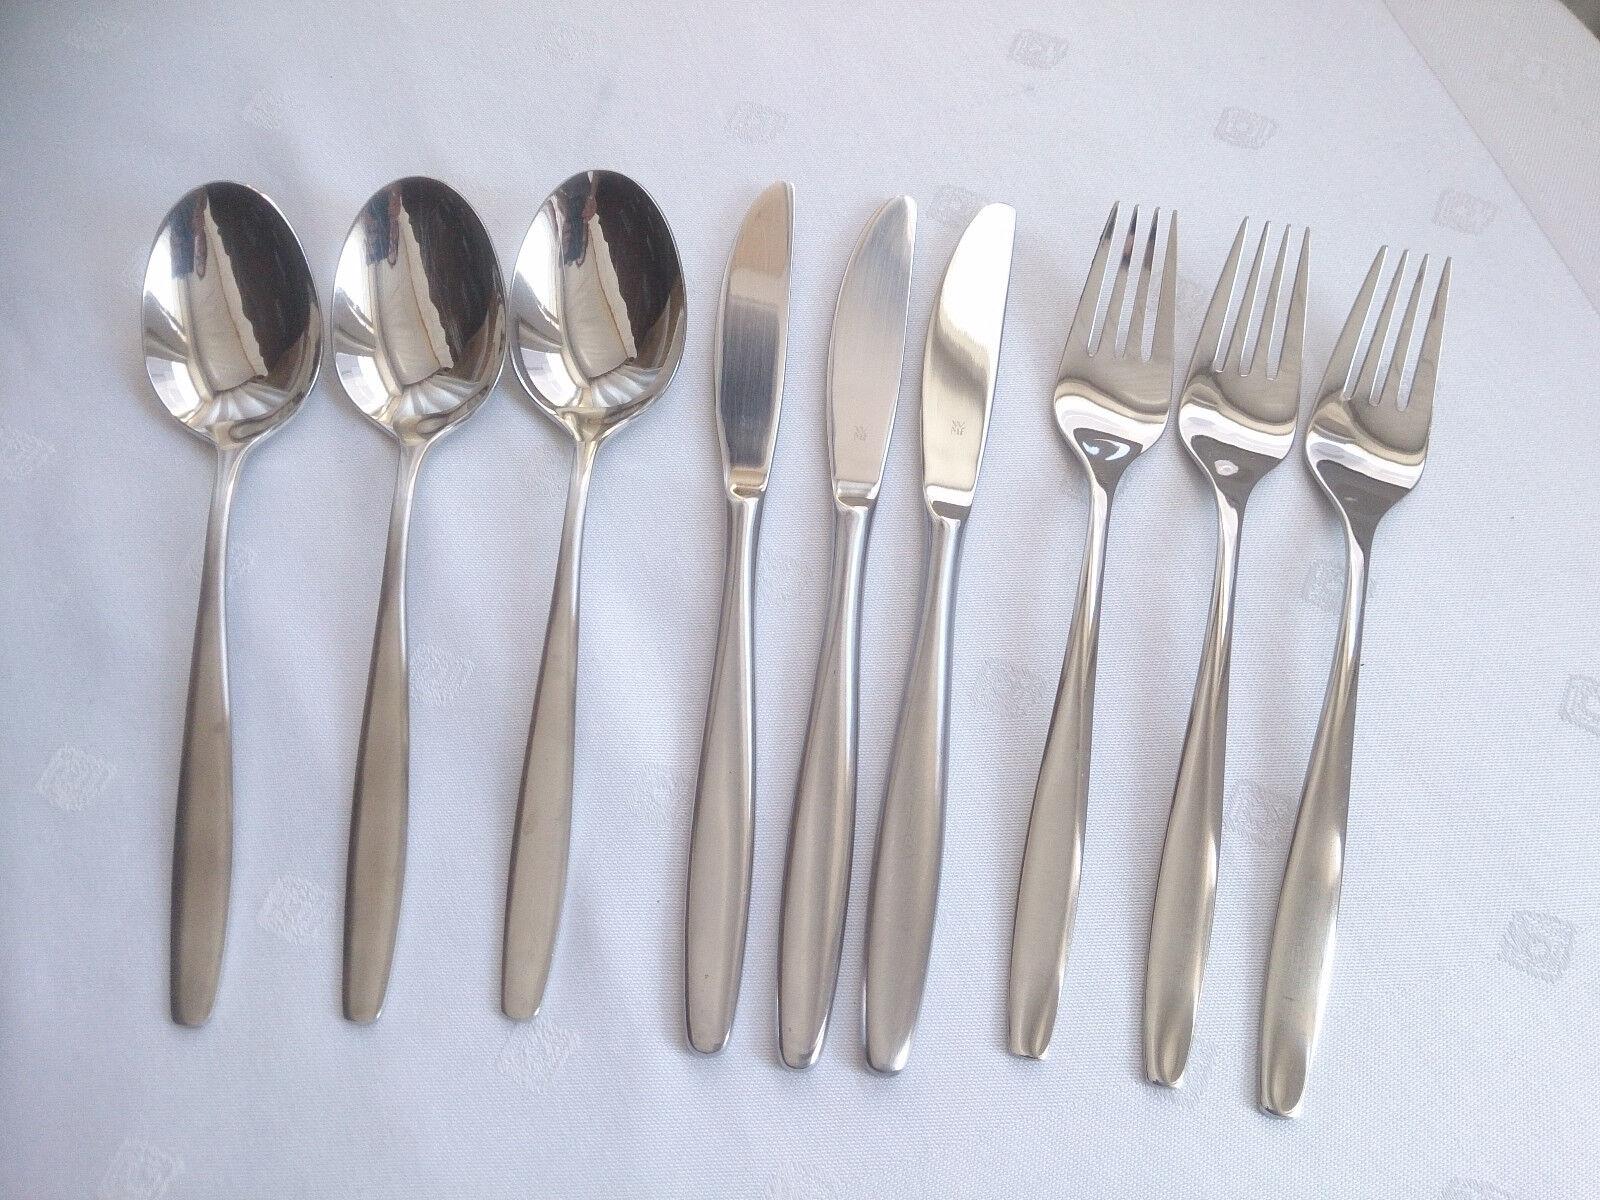 WMF Lüneburg Cromargan Couverts 3 personnes 9 pièces couteau fourchette cuillère Top (no 1)